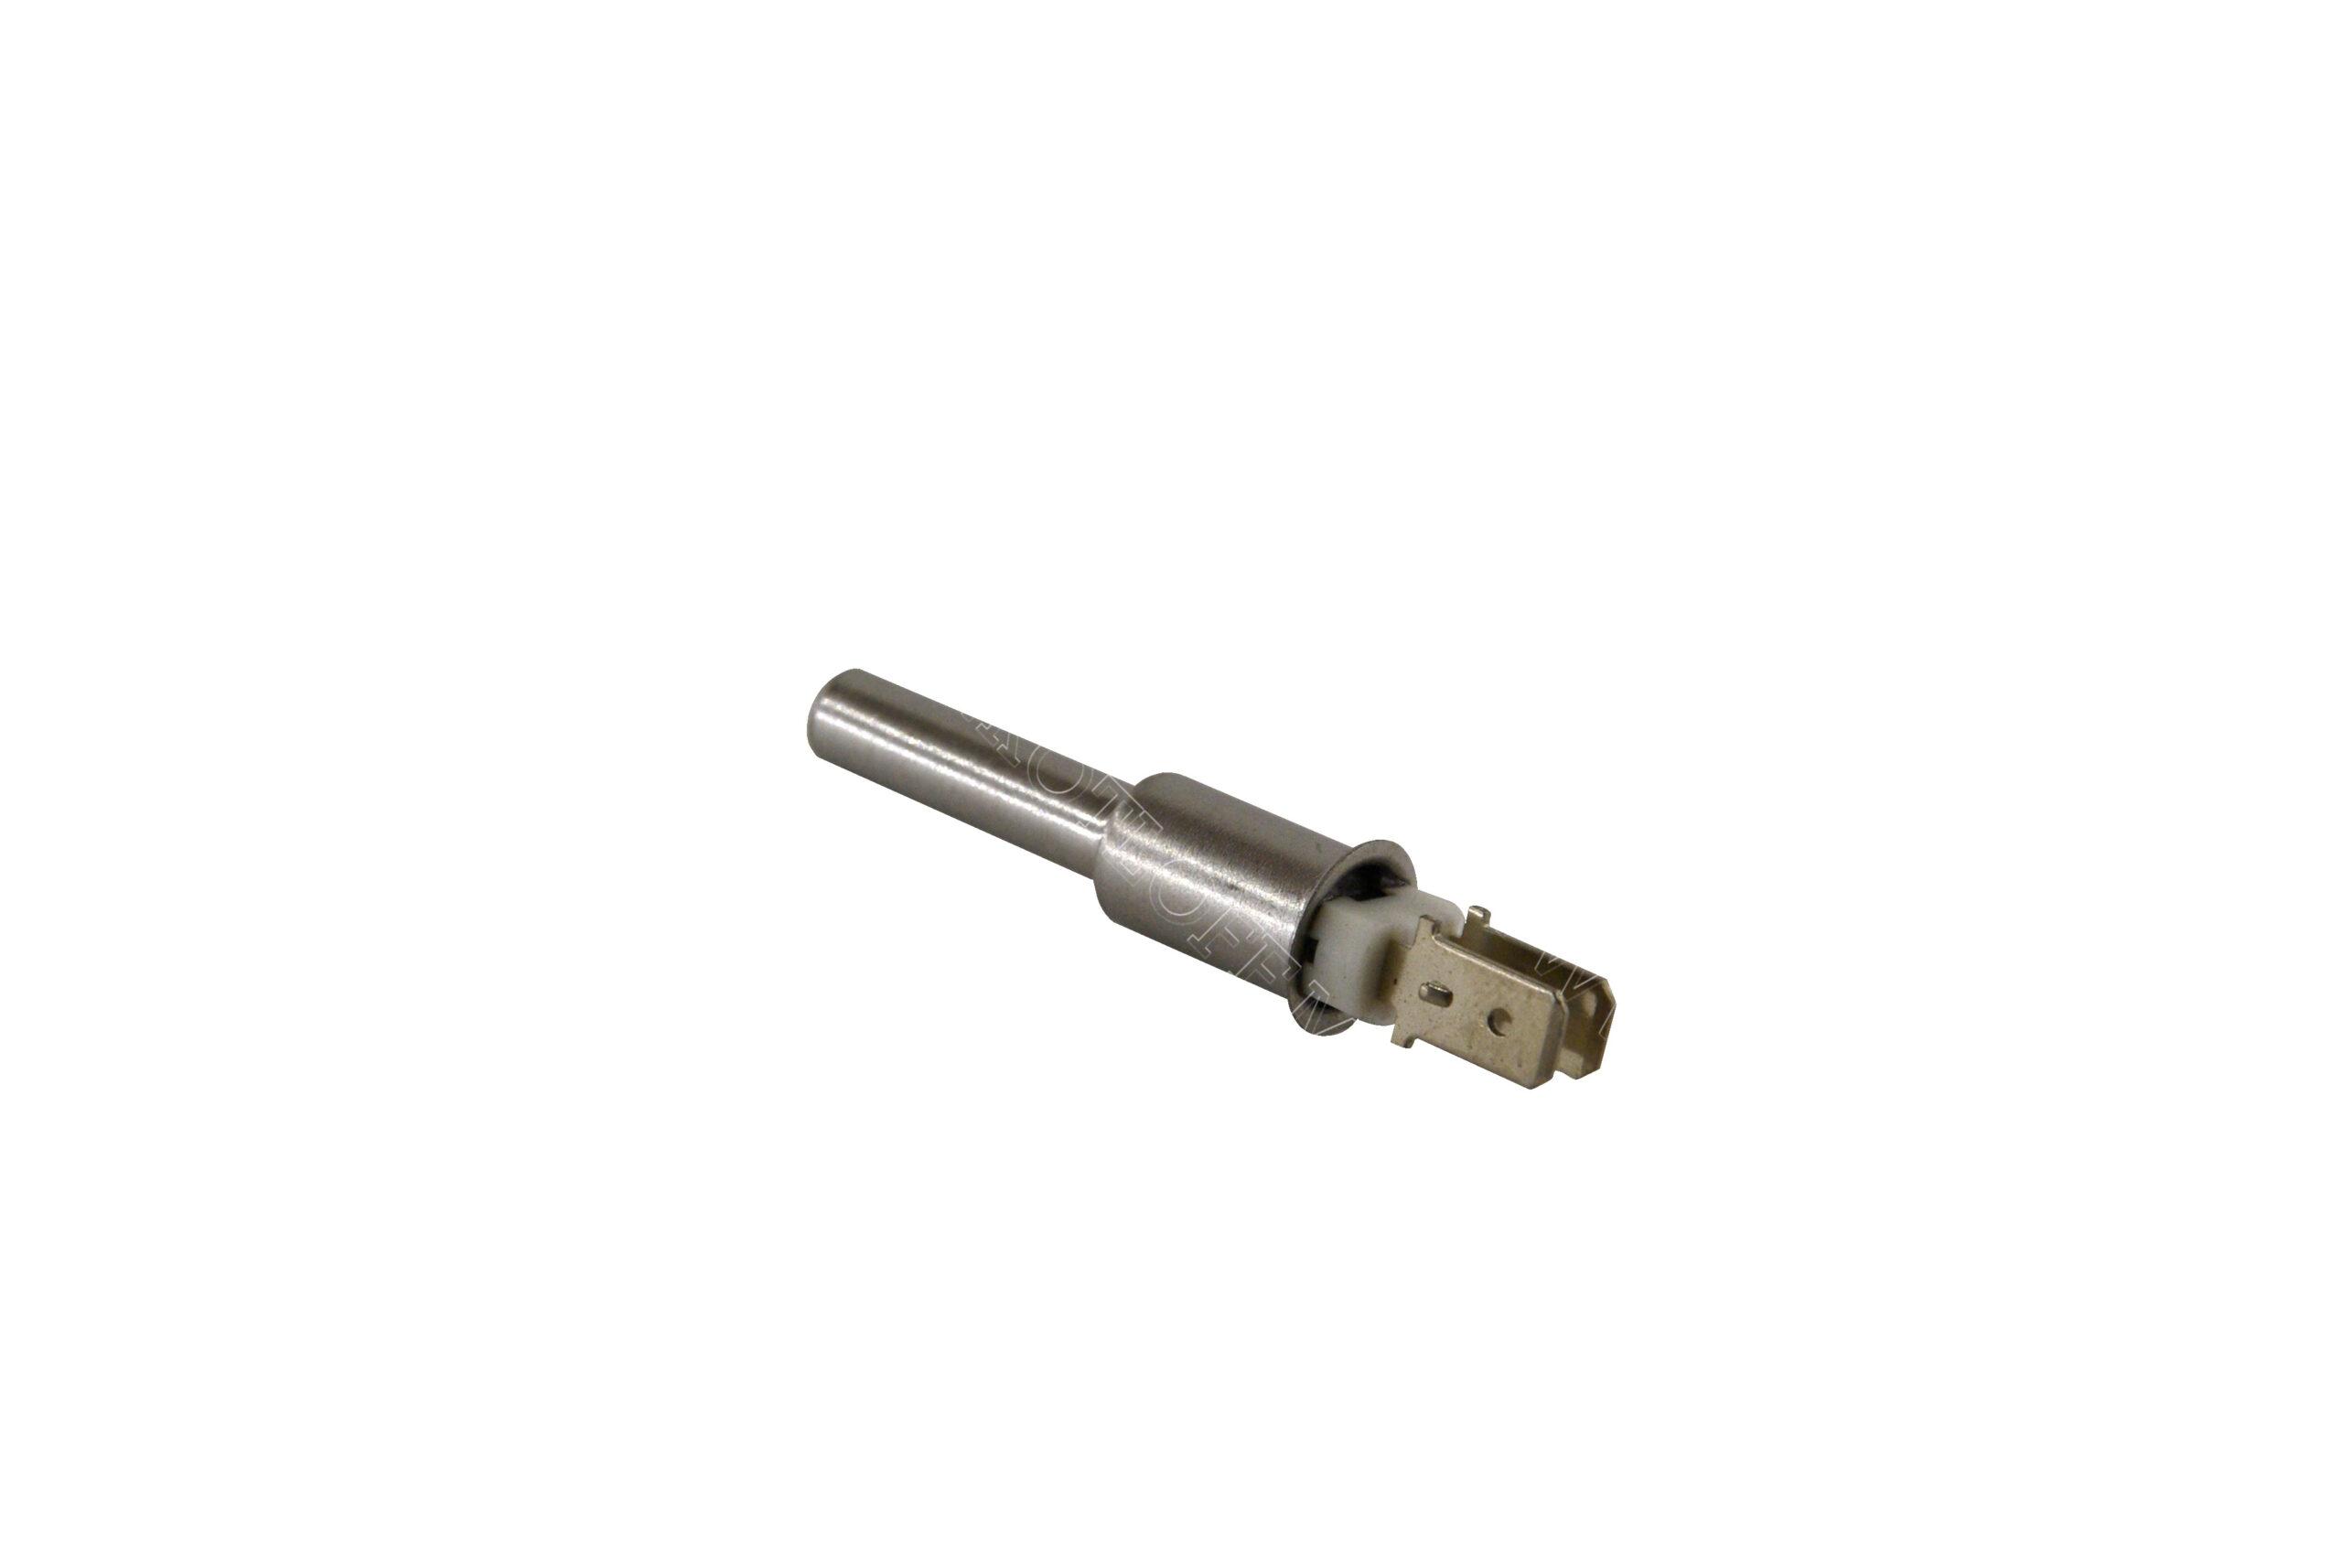 Погружной датчик температуры ntc на газовый котел Bosch, Buderus арт. 8714500029